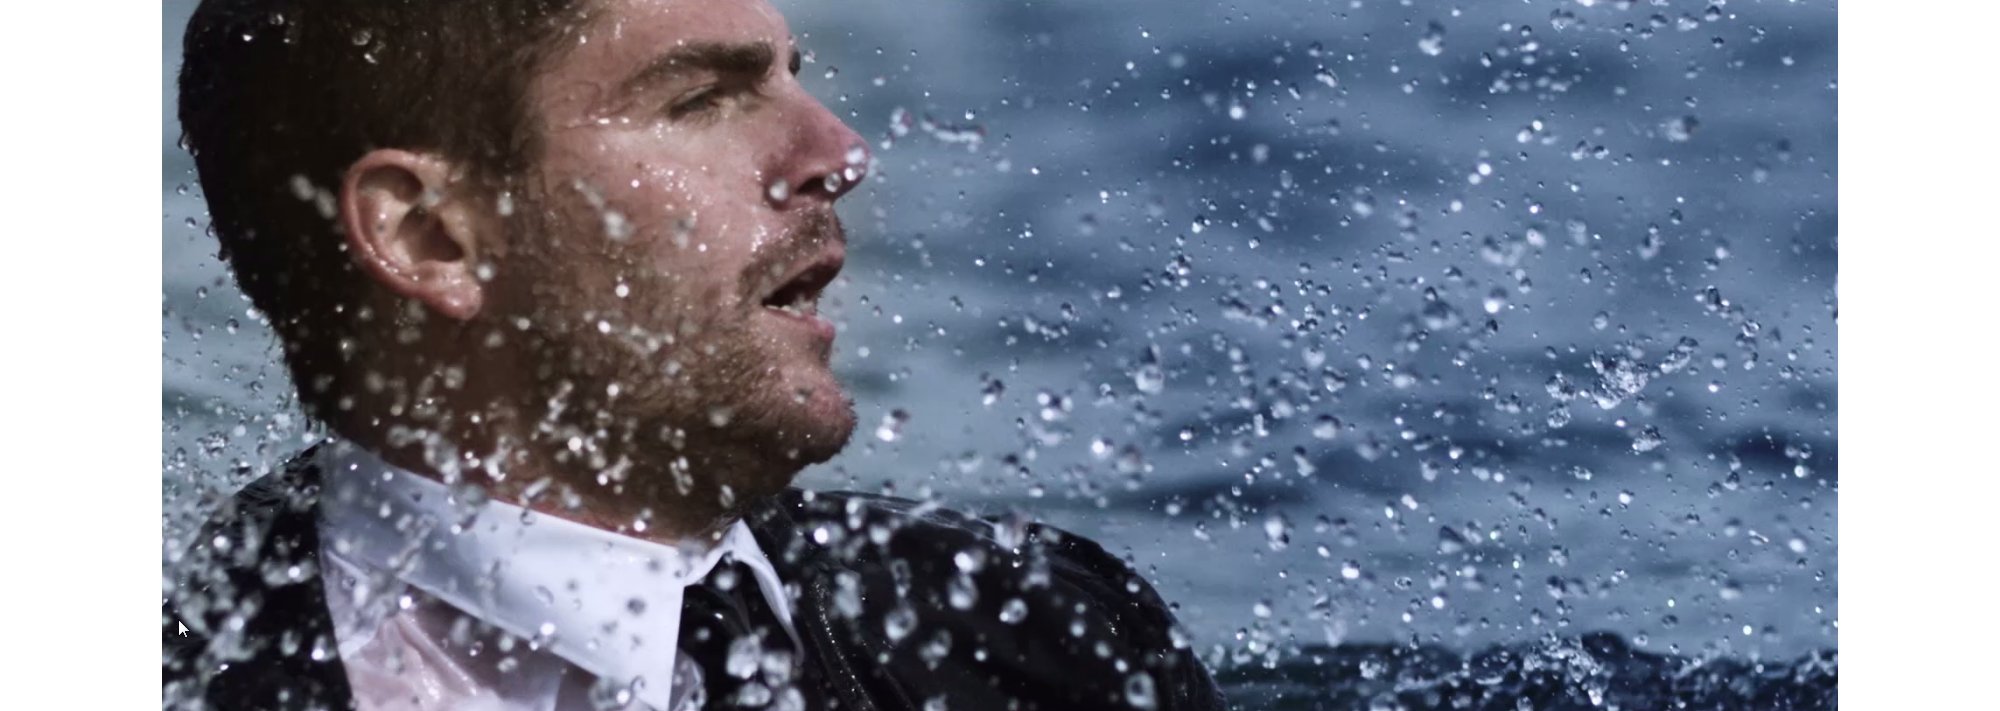 David Colturi komt in het water terecht